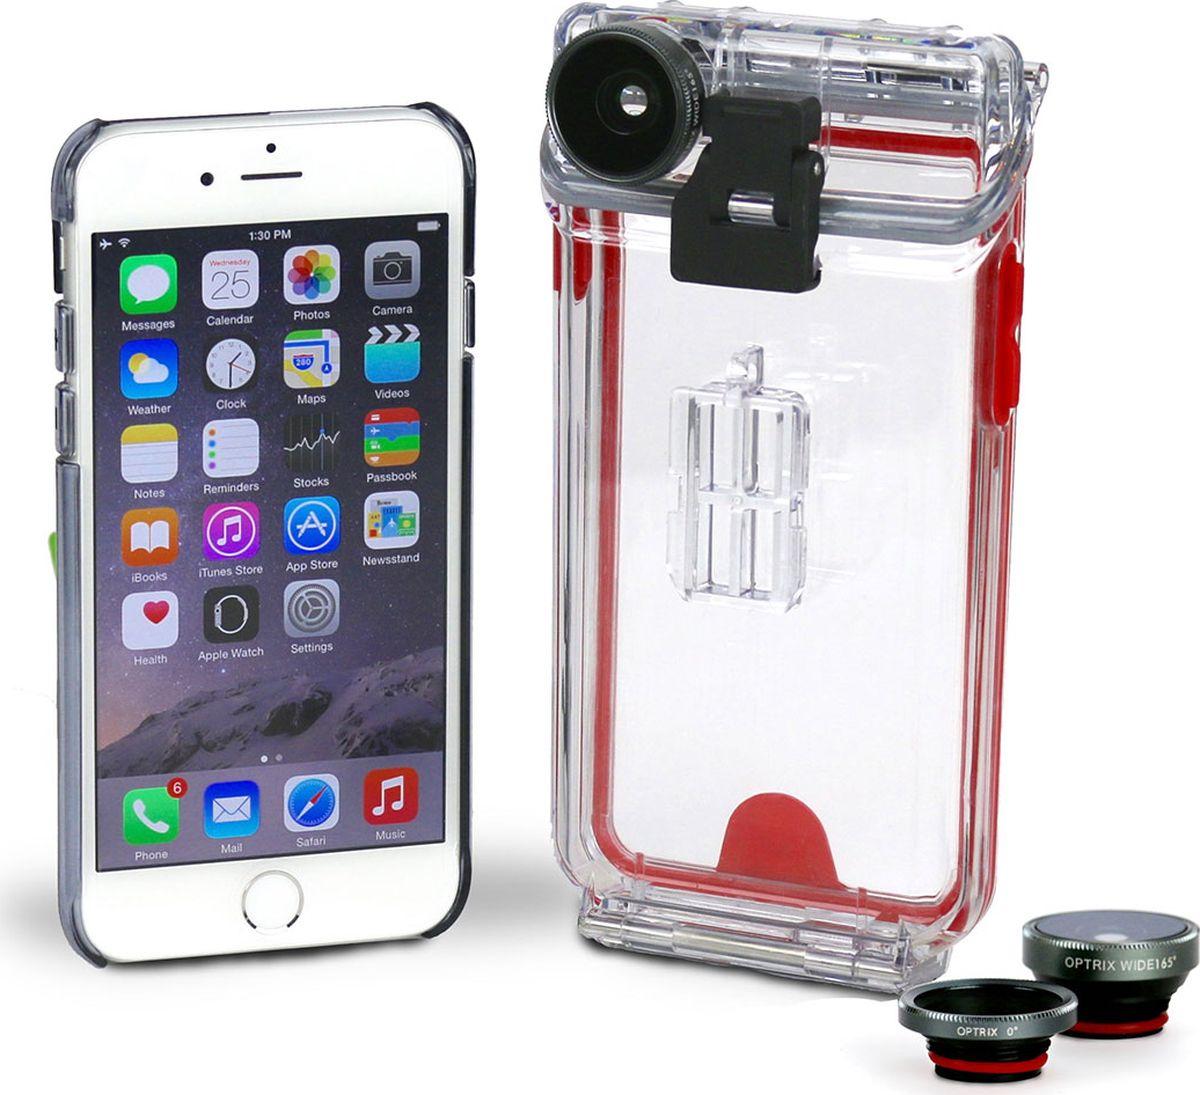 Optrix Photo, Clear Red набор для фотосъемки для iPhone 6/6s - Мобильная фотография